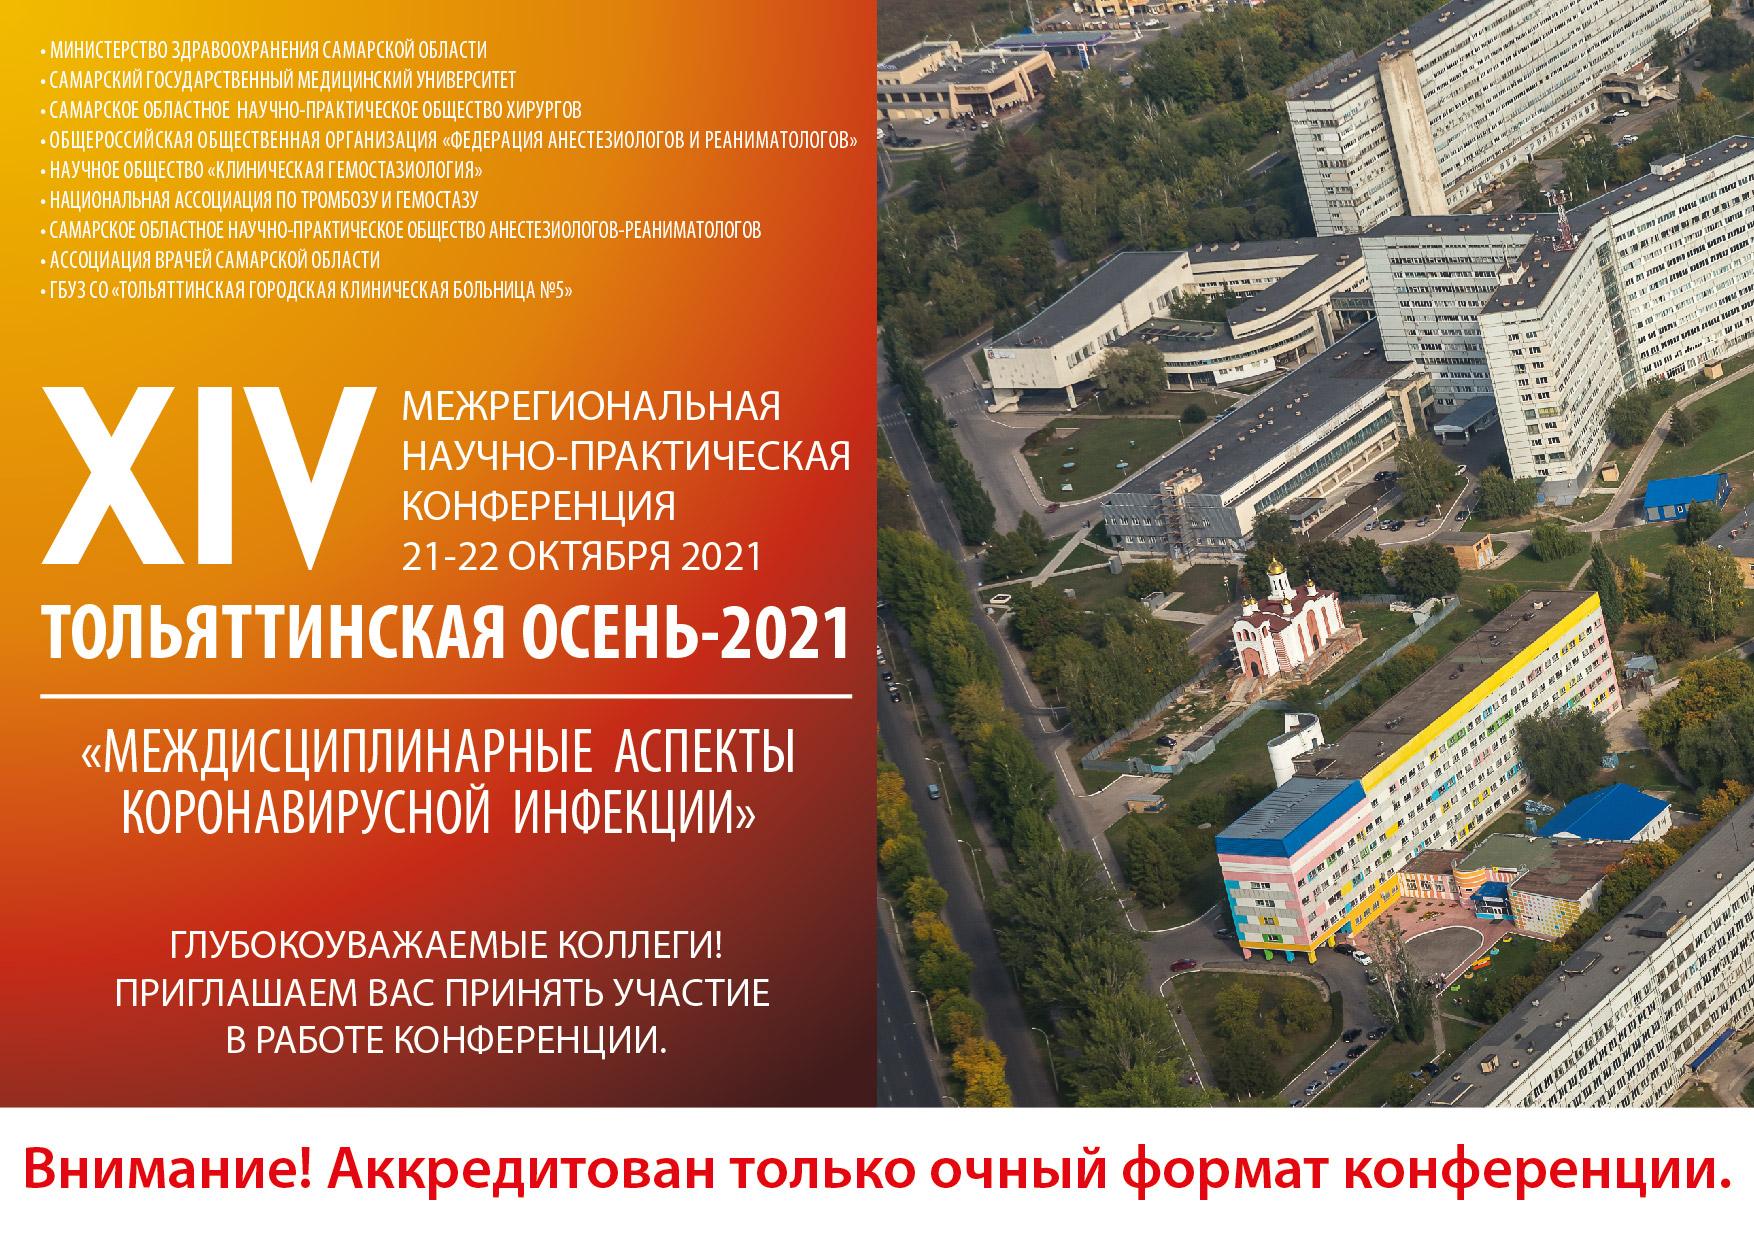 Тольяттинская осень 2021